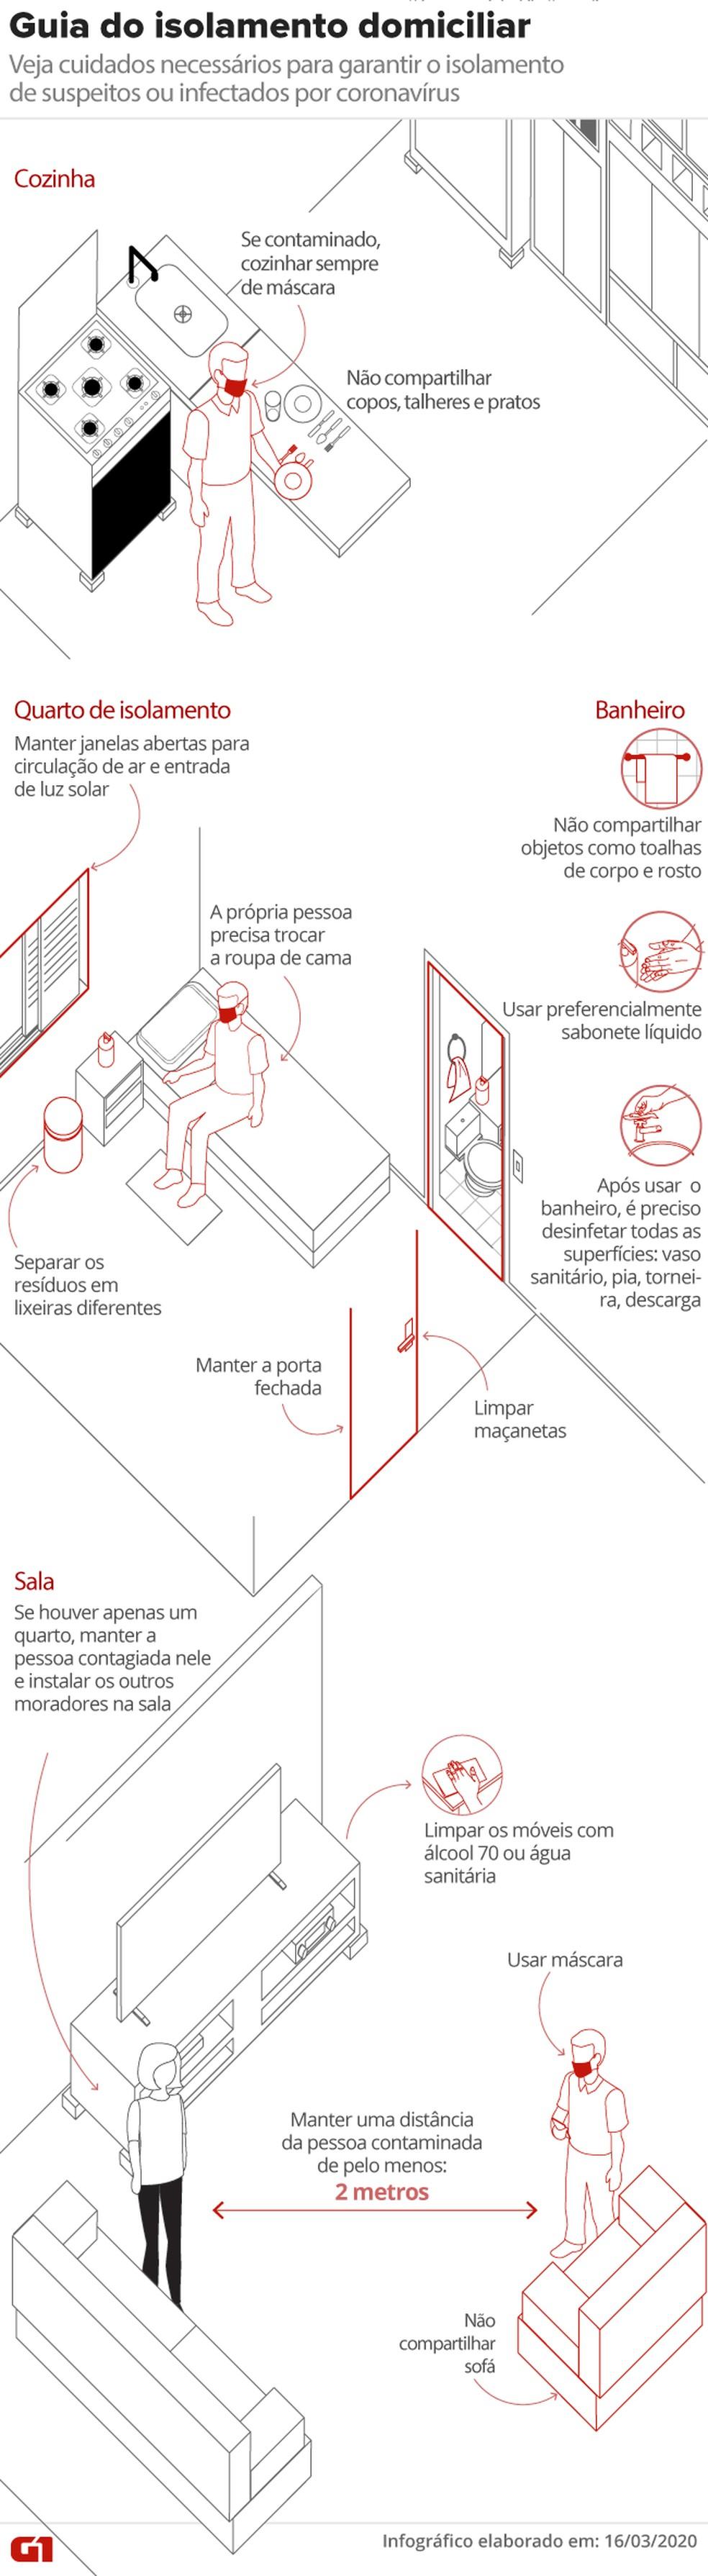 Guia de isolamento domiciliar por causa do novo coronavírus — Foto: Arte/G1